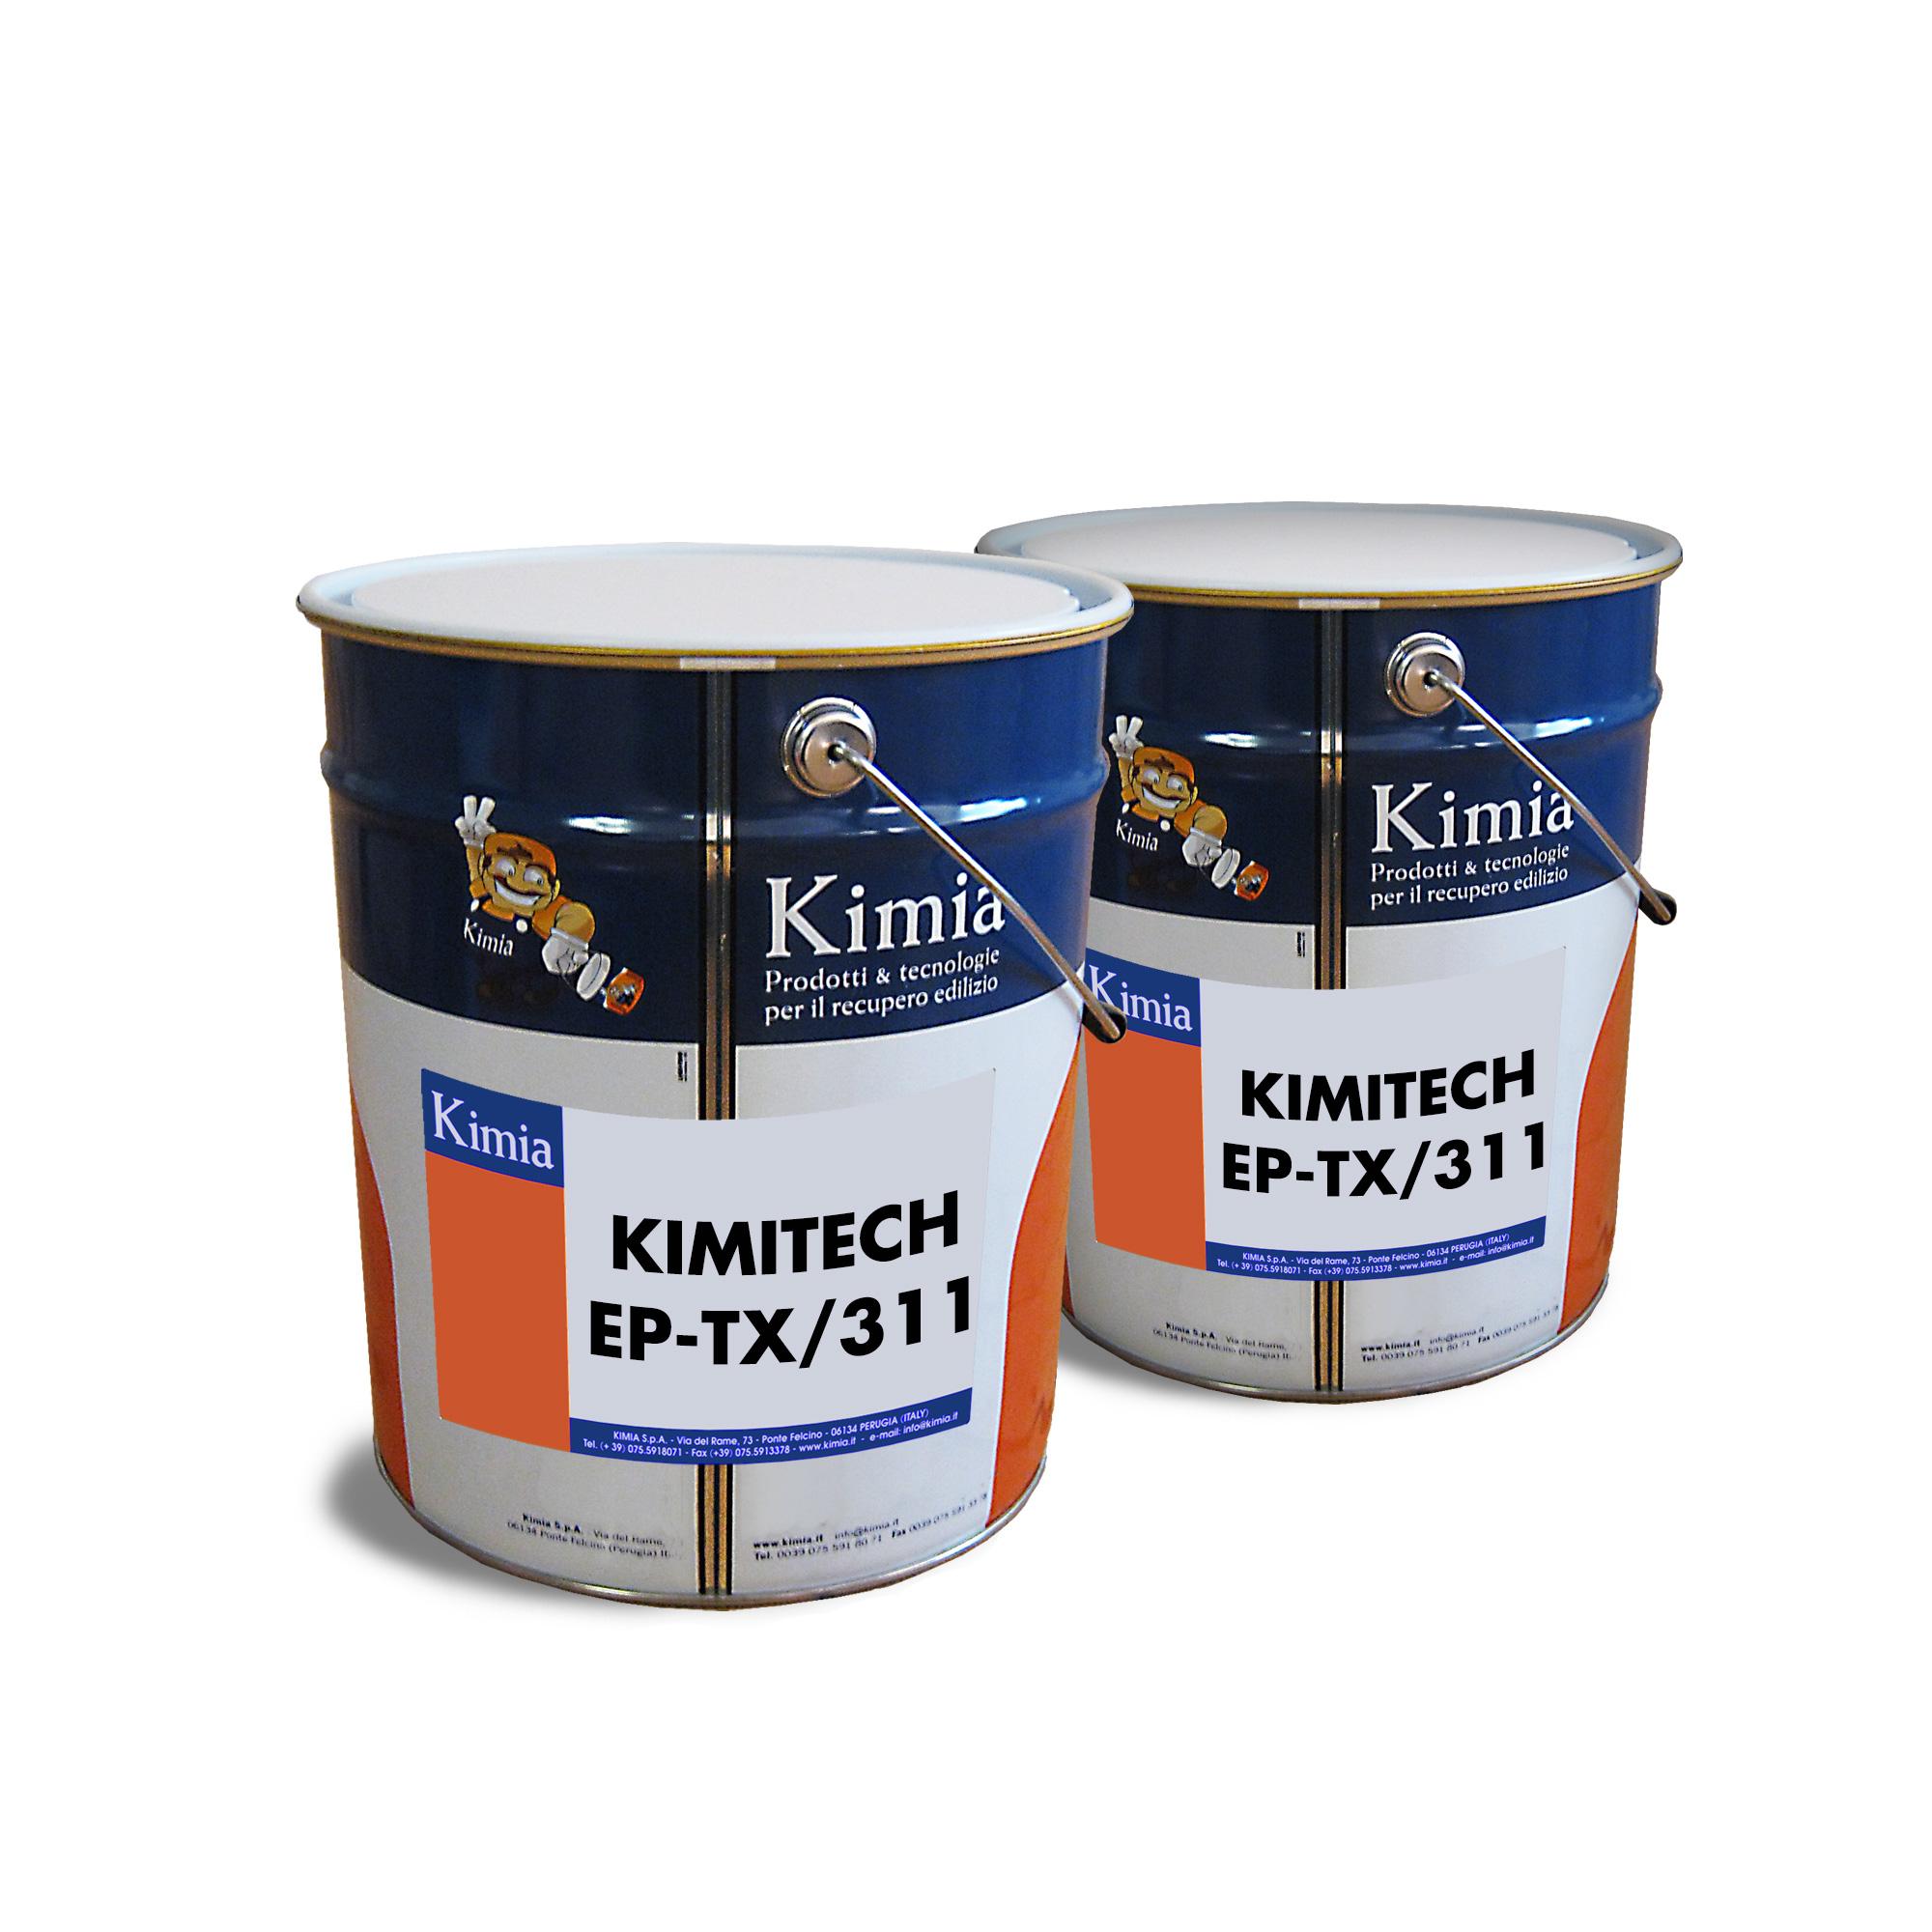 Kimitech EP-TX/311